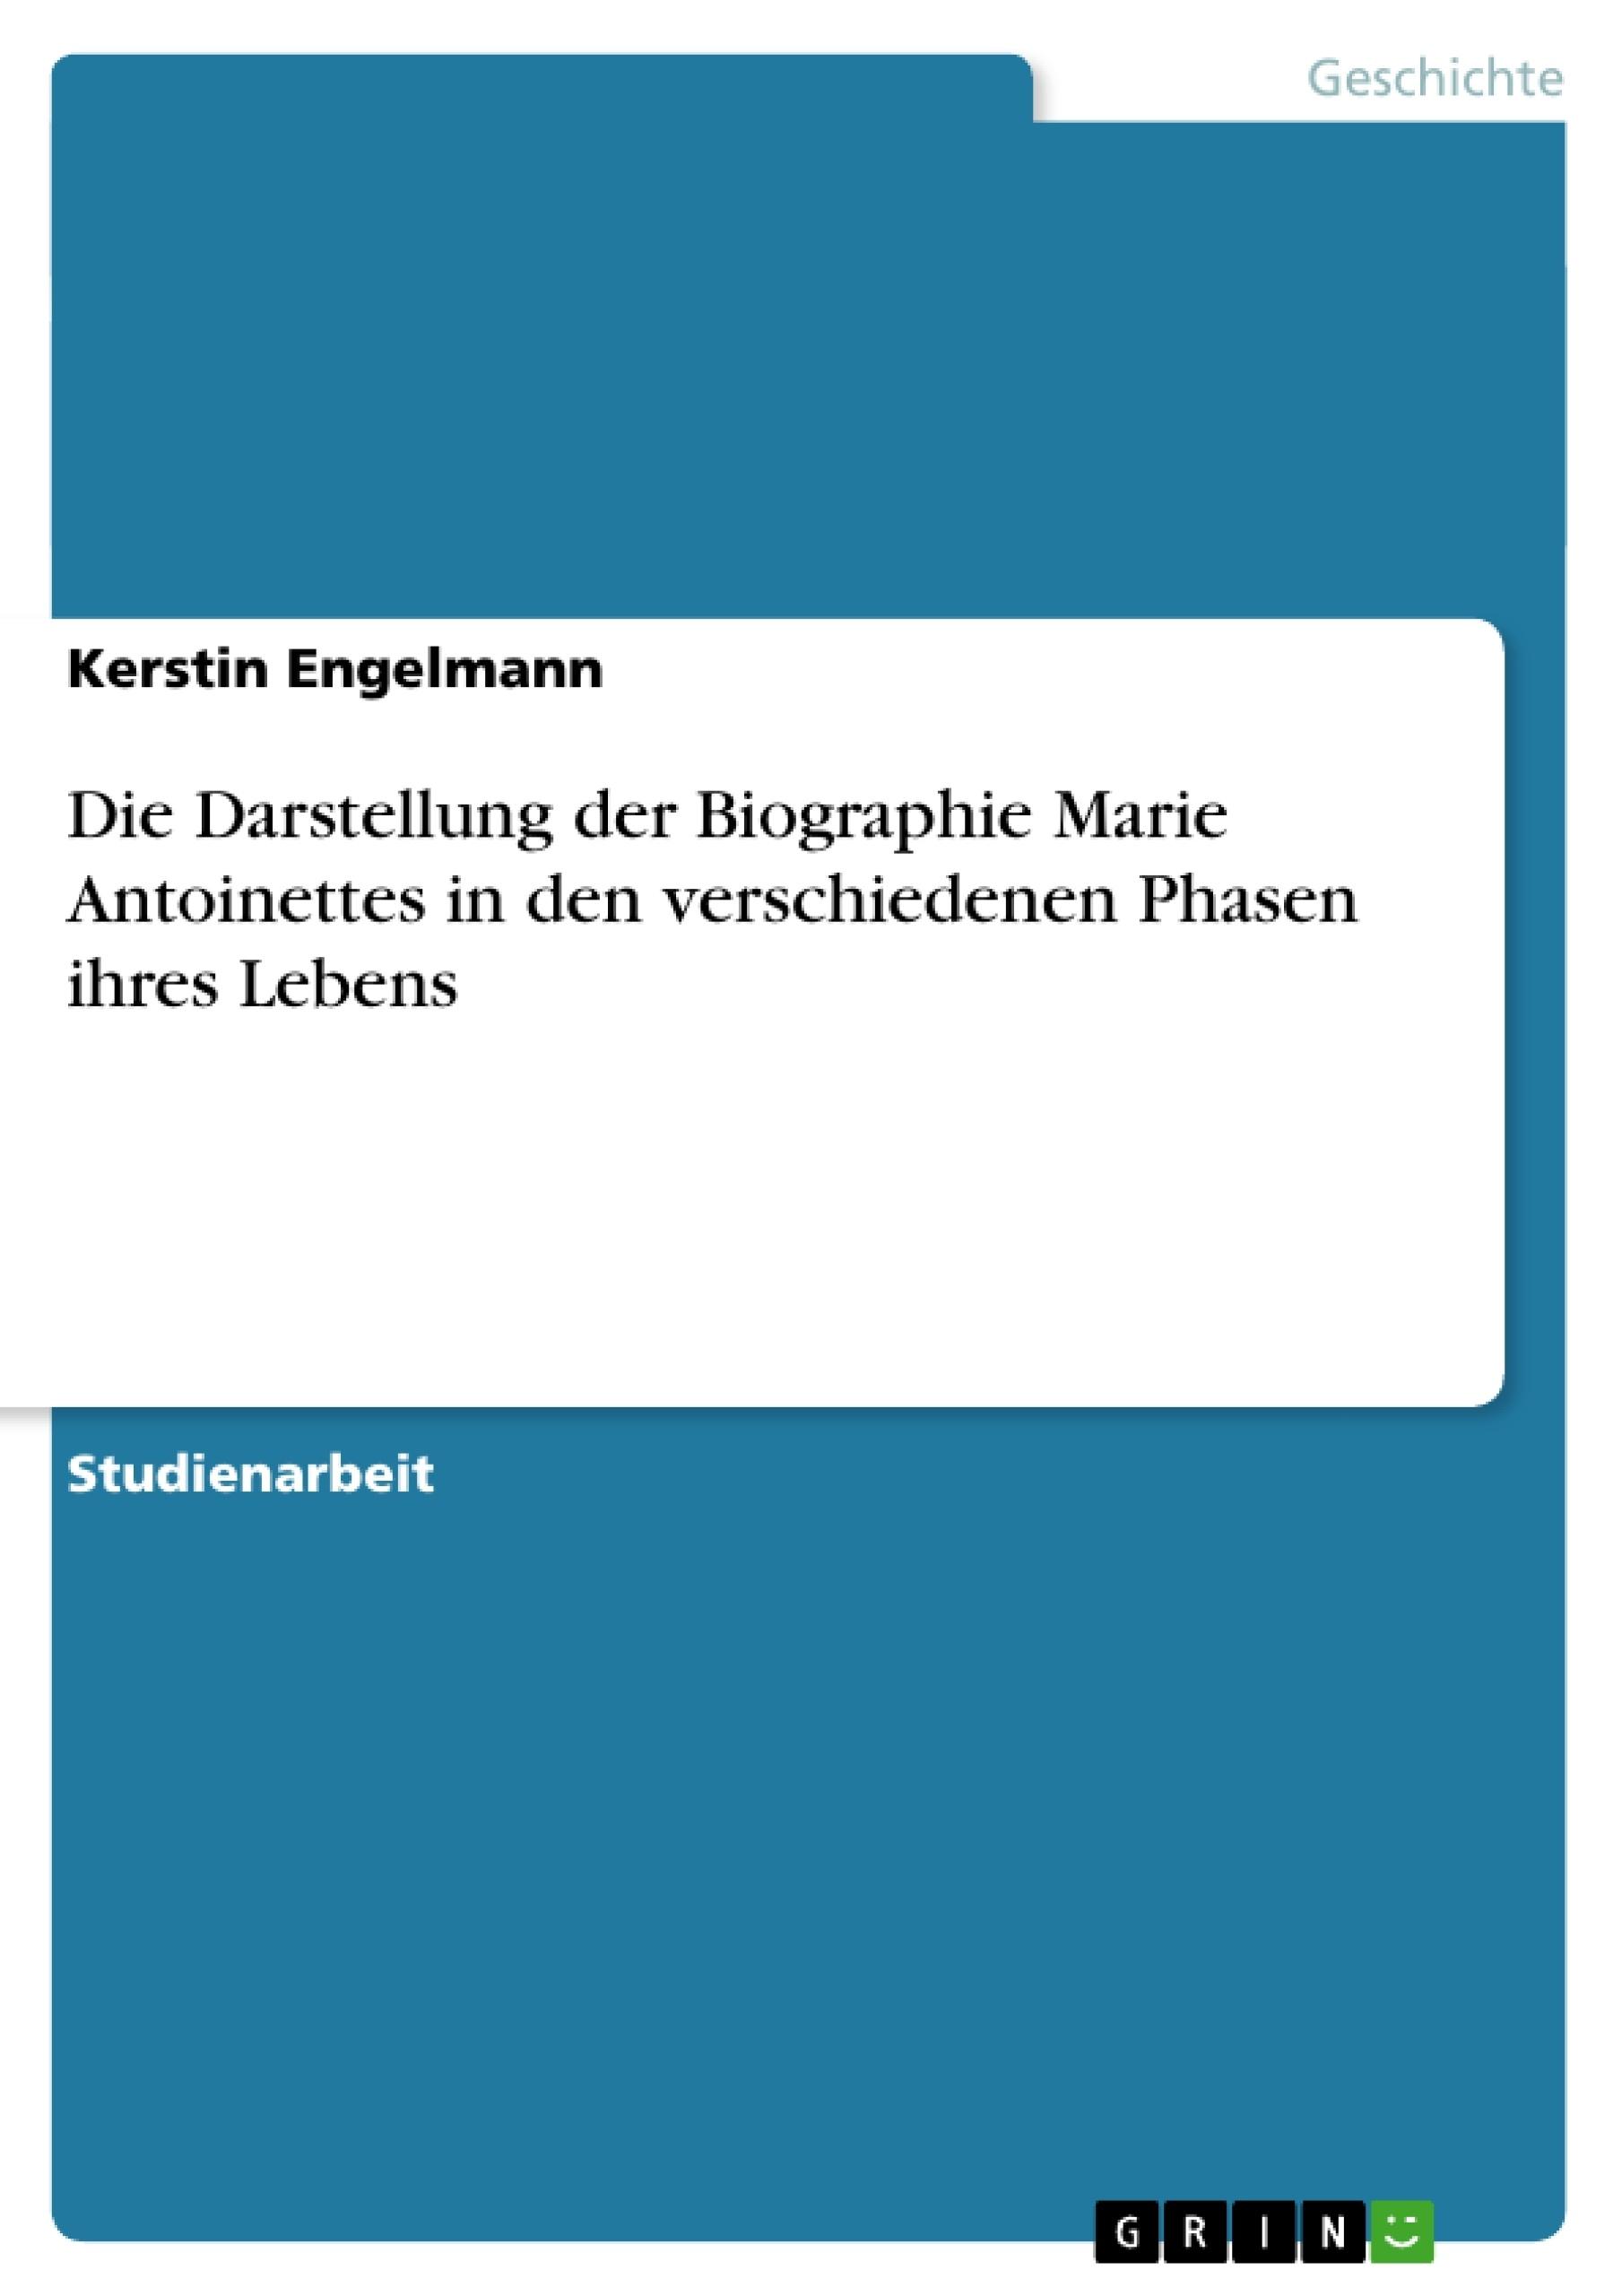 Titel: Die Darstellung der Biographie Marie Antoinettes in den verschiedenen Phasen ihres Lebens